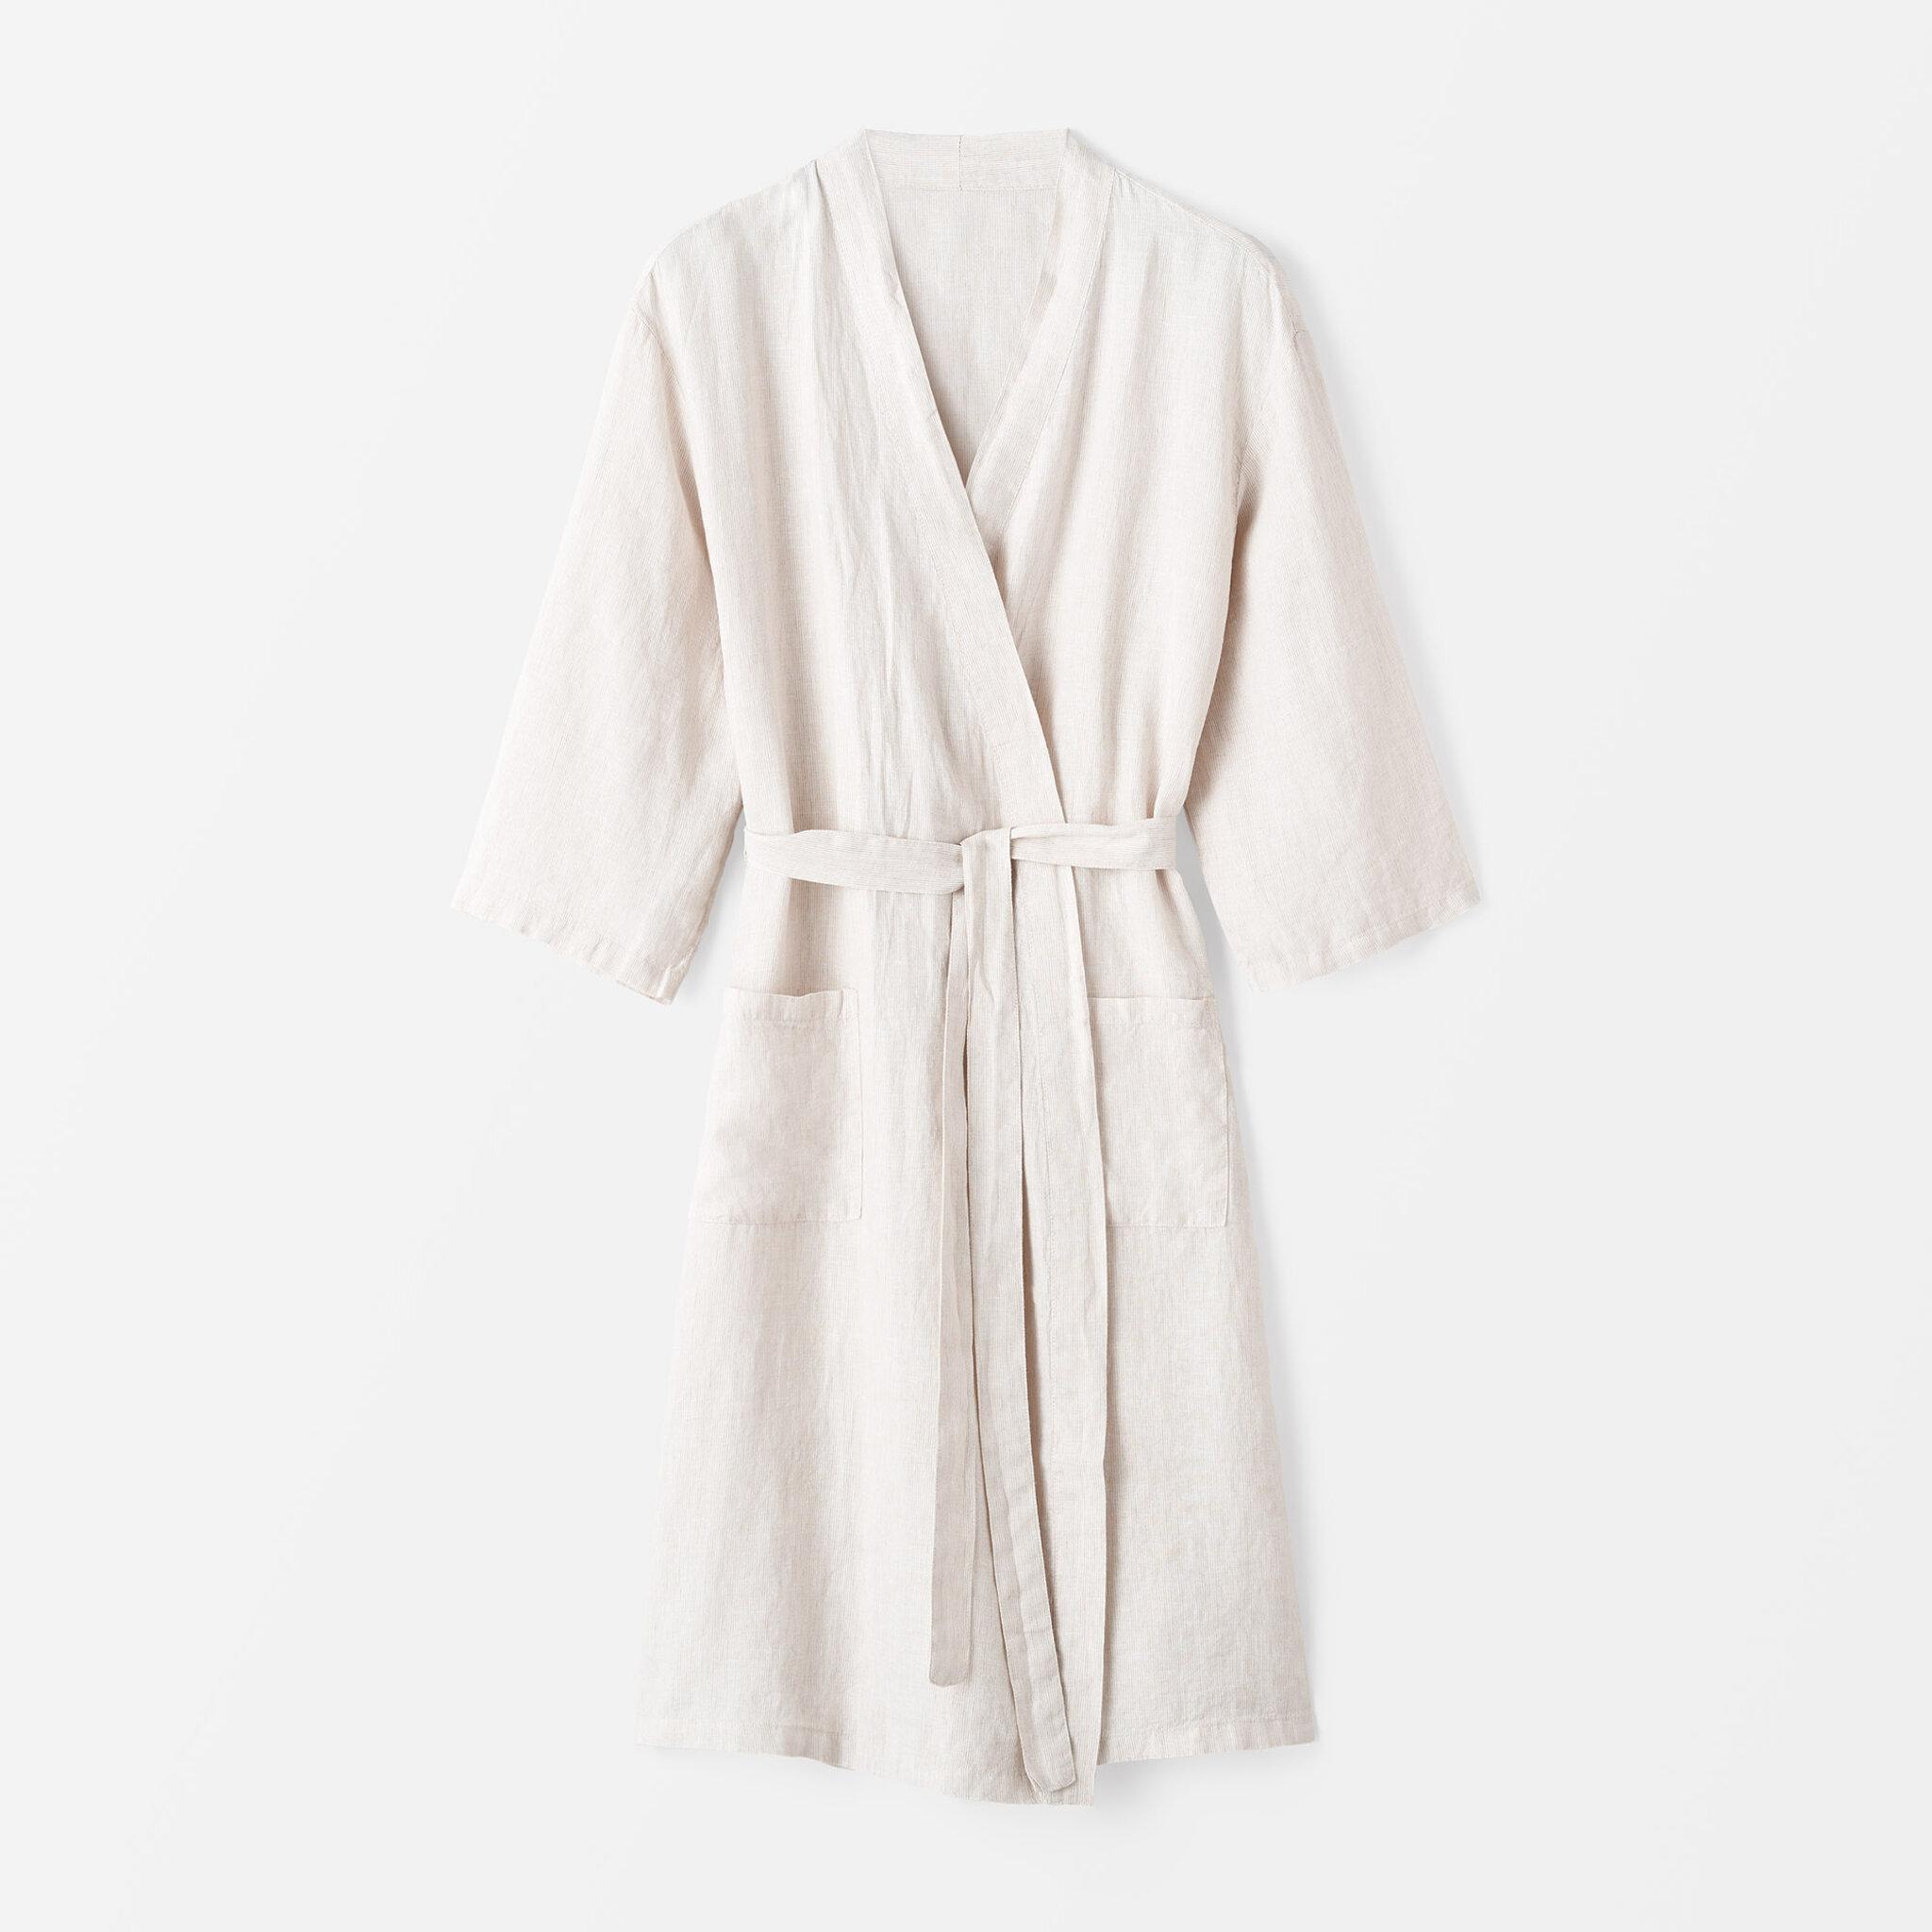 Kimono VIDE MILTON